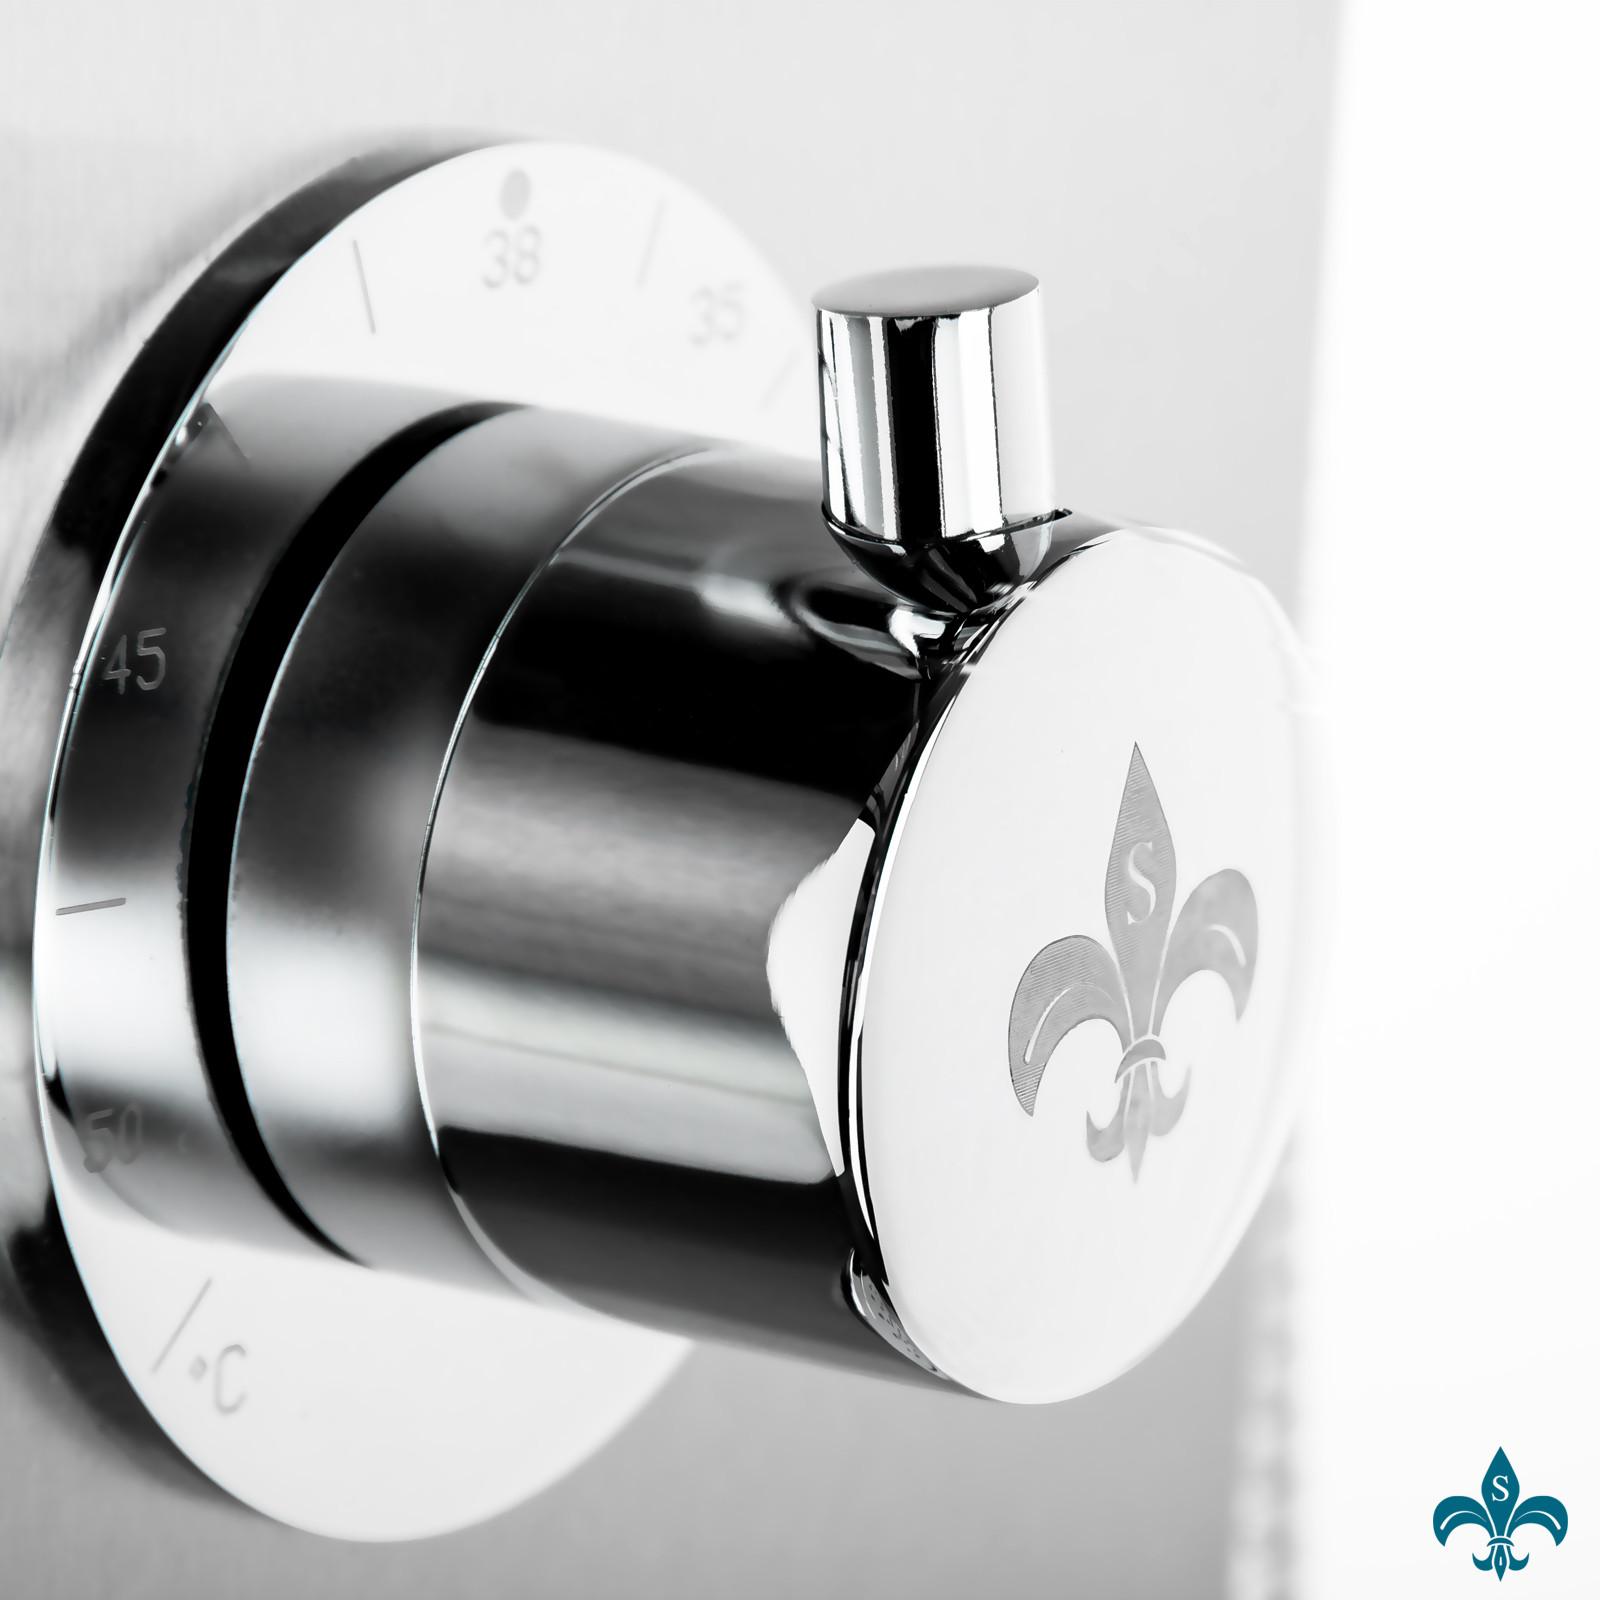 duschpaneel edelstahl mit integrierter ablage deutsche qualit t sanit r duschpaneele. Black Bedroom Furniture Sets. Home Design Ideas